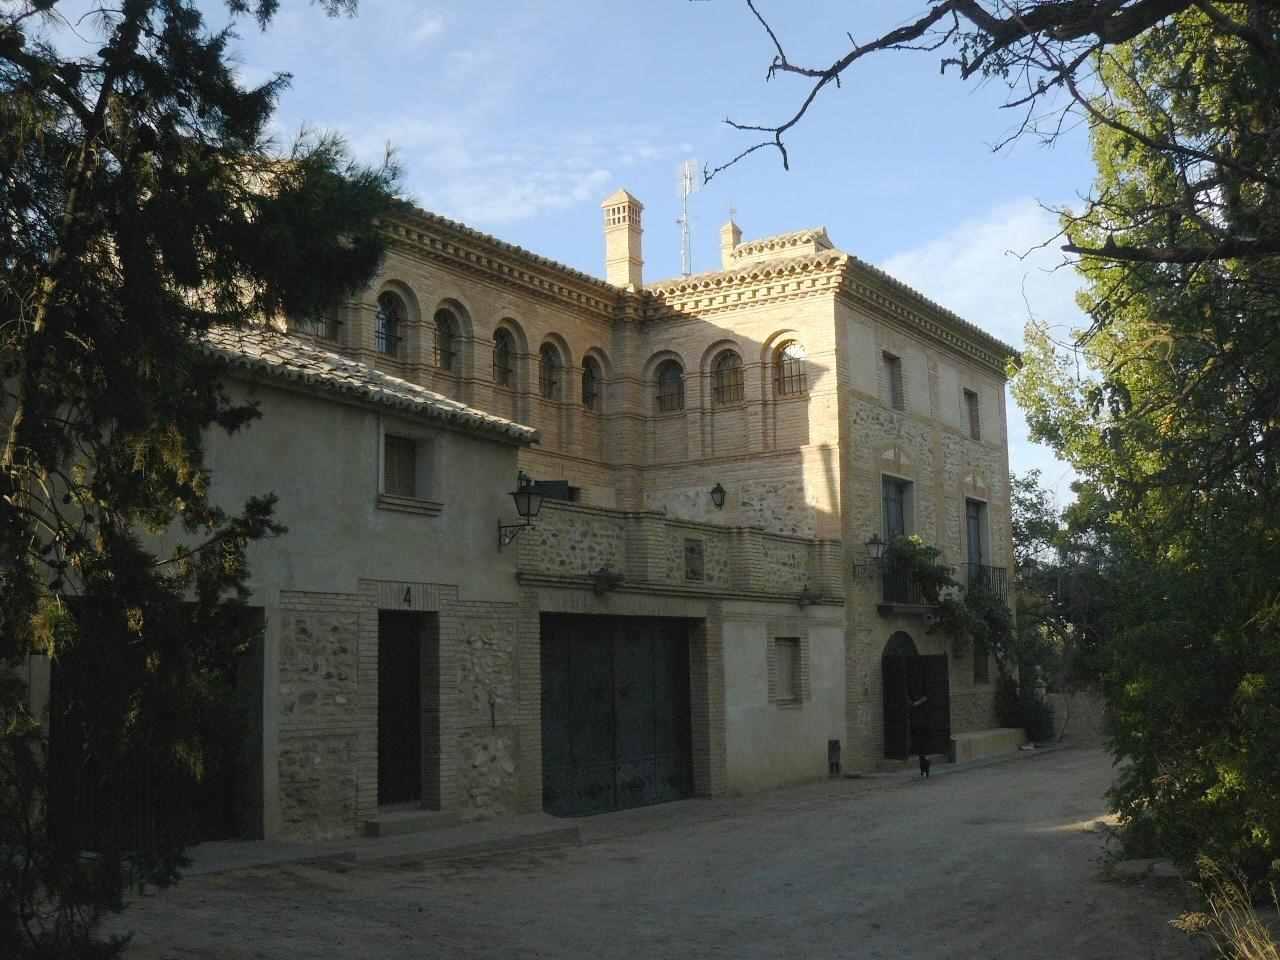 Alquiler vacaciones en Ainzón, Zaragoza